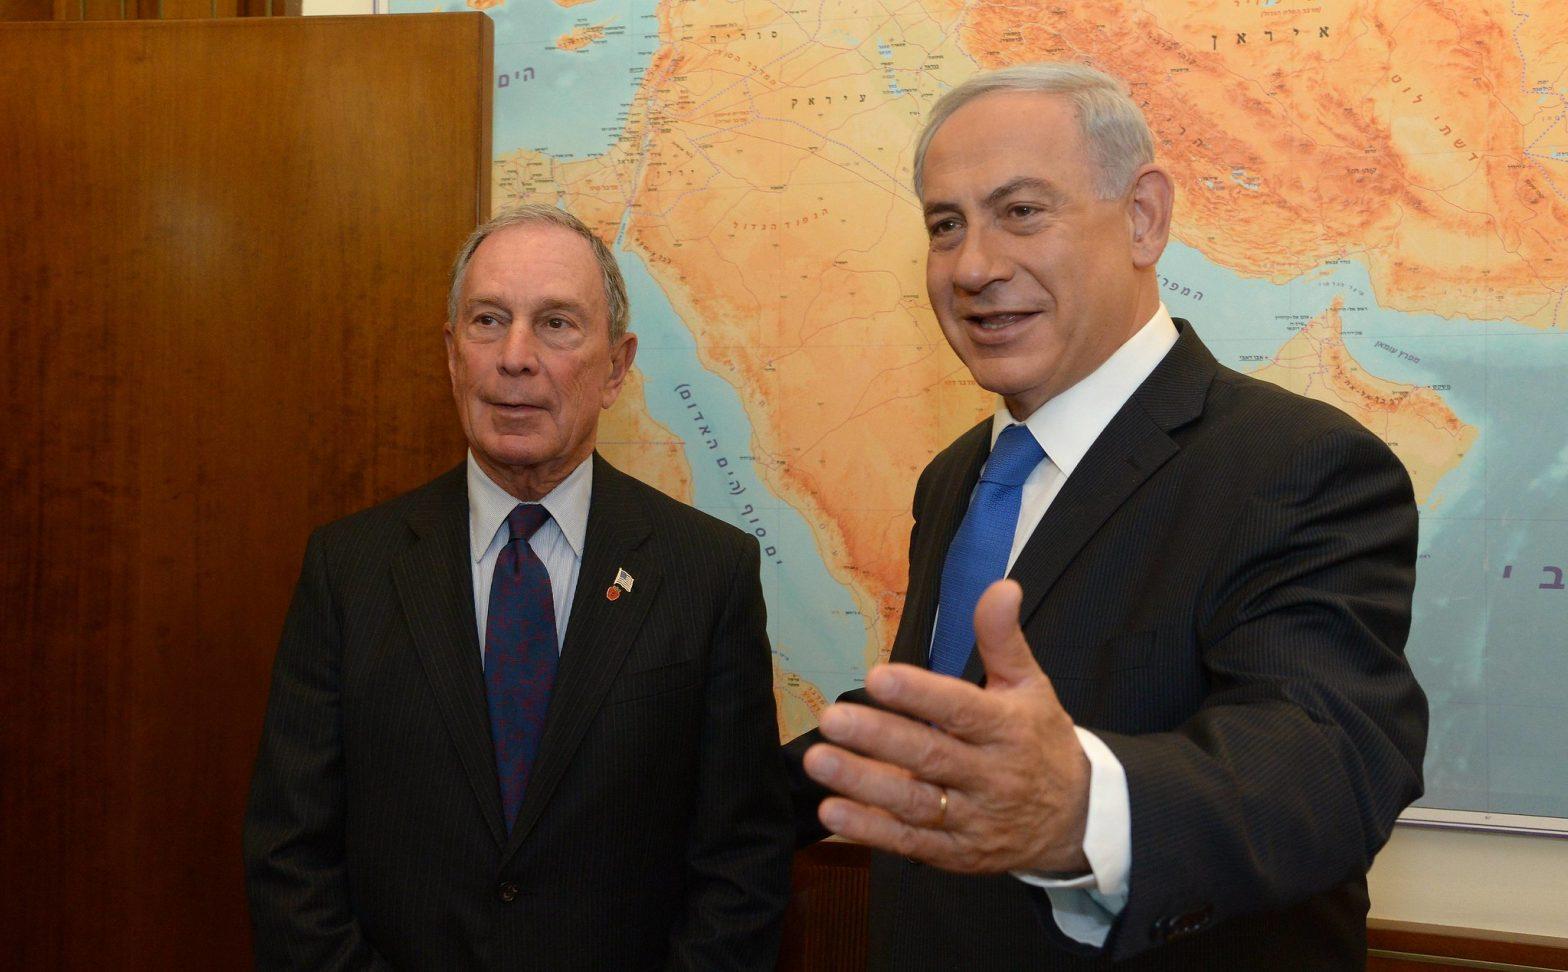 Bloomberg Bibi